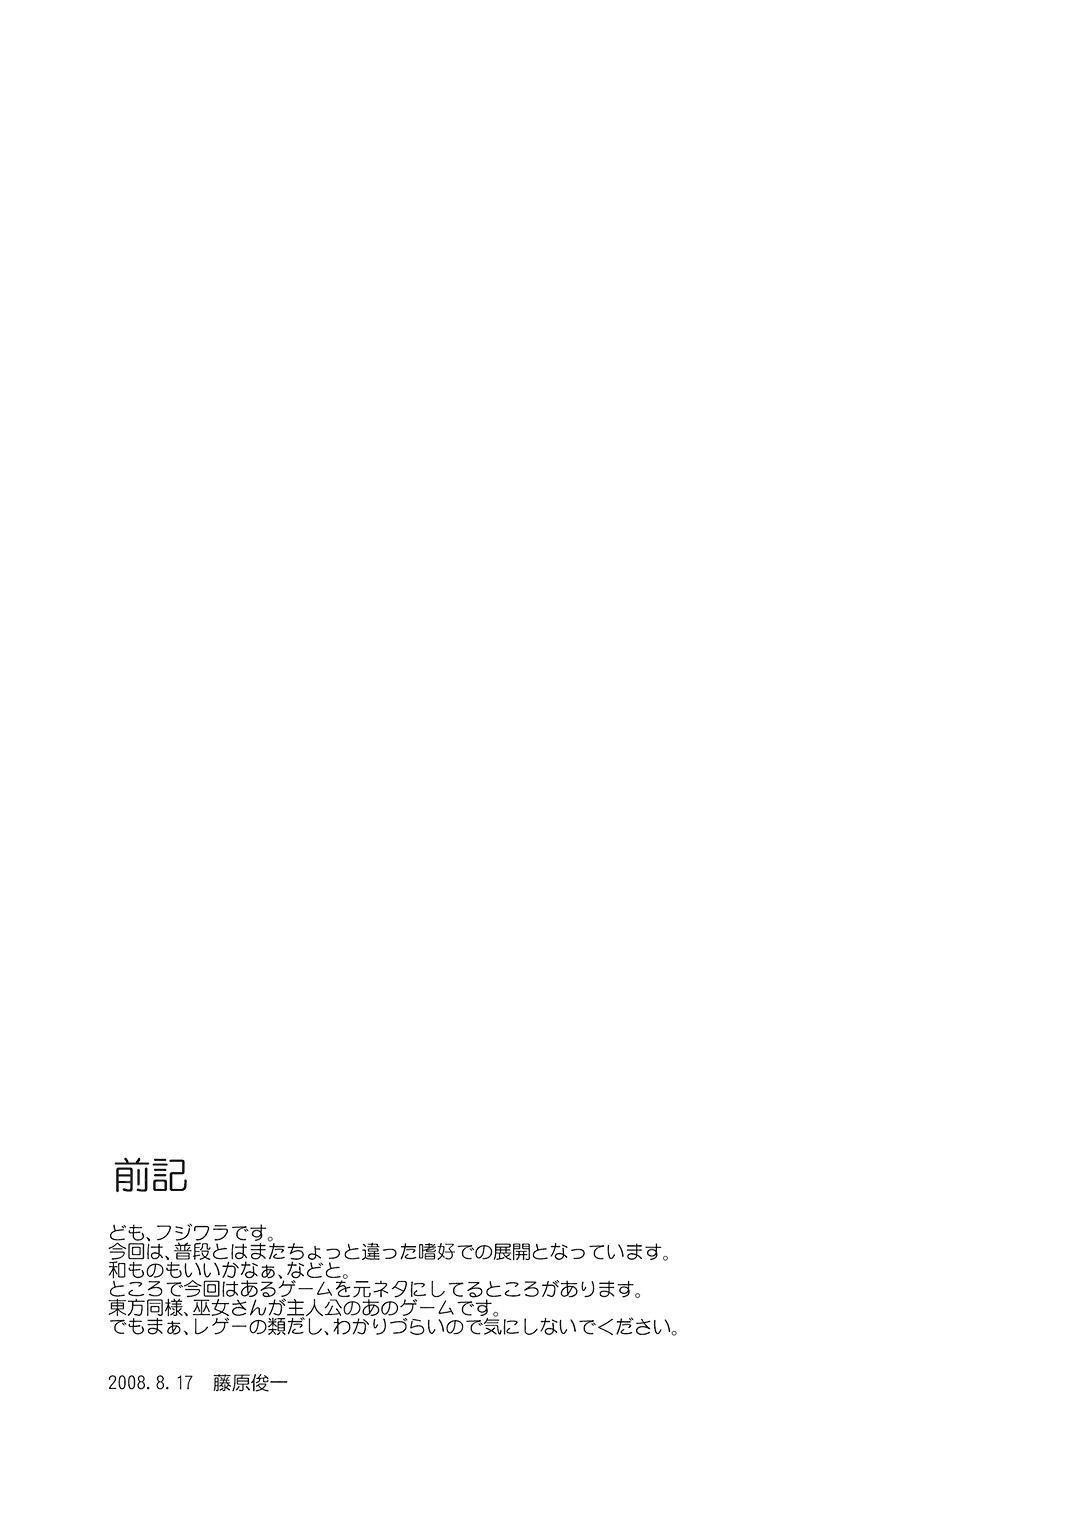 Touhou Ukiyo Emaki - Shameimaru Aya 2